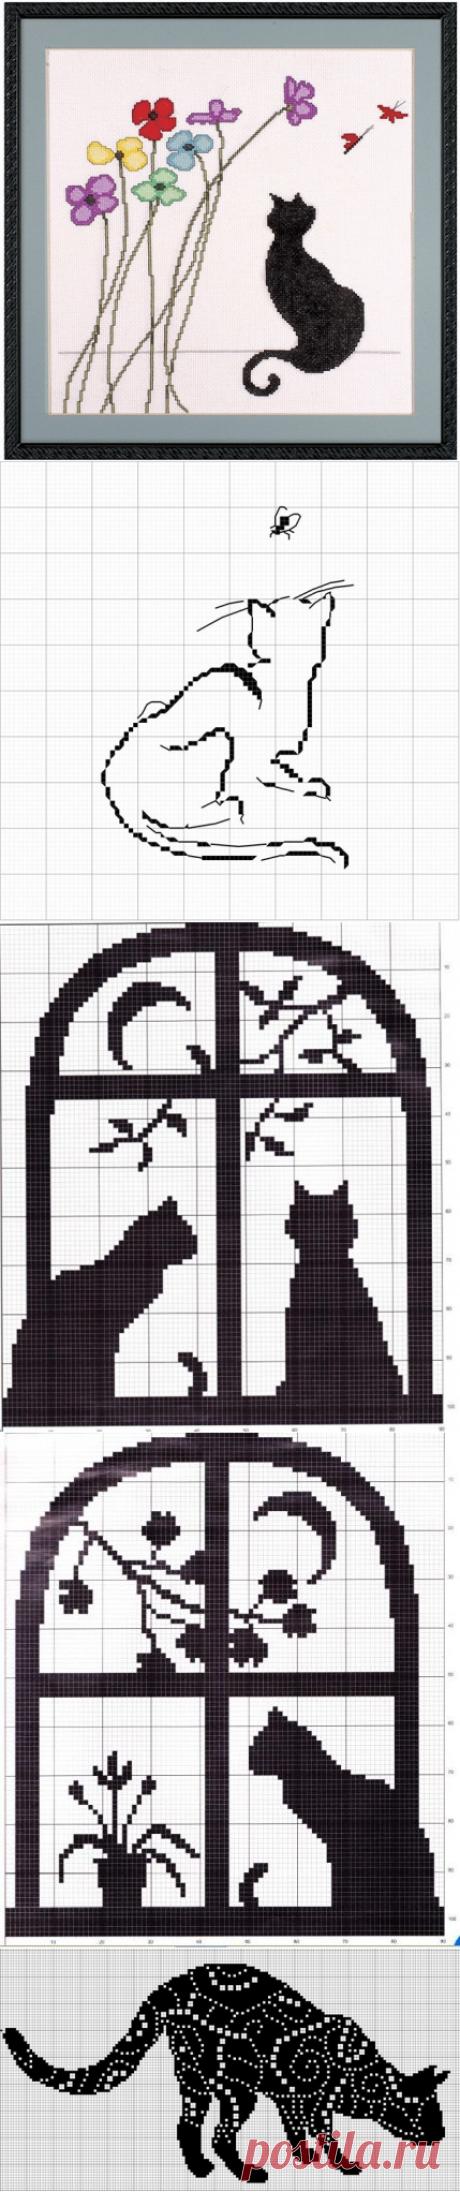 Вышивка.Кошки.Монохром.